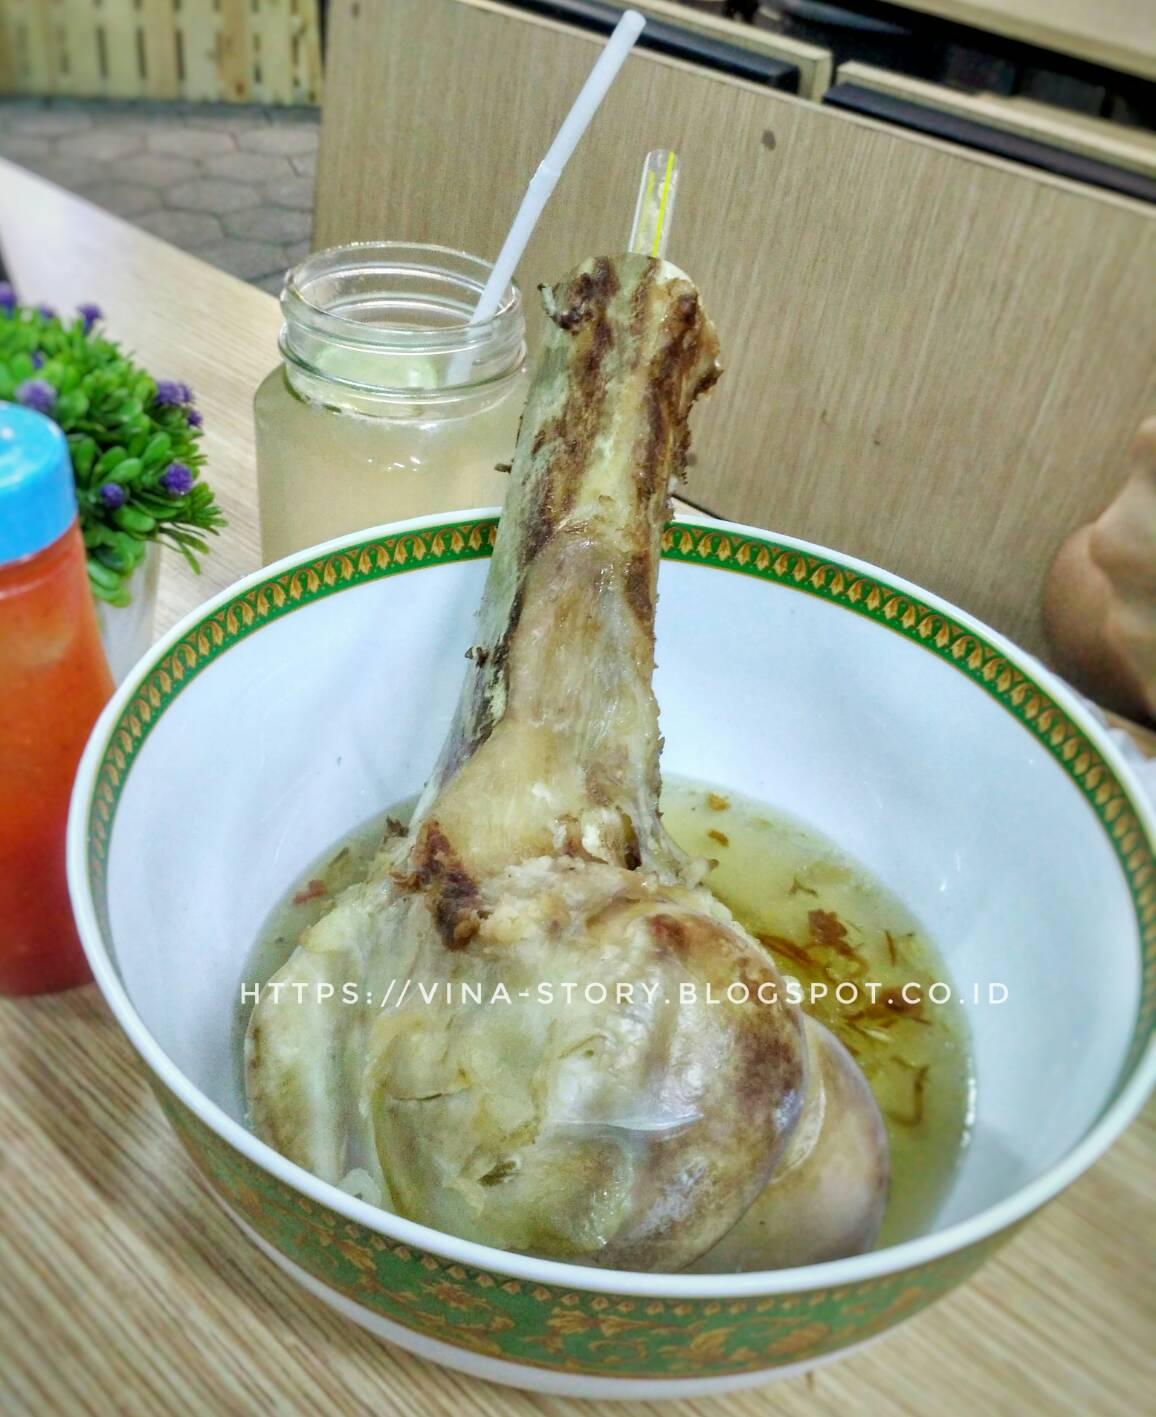 Vina Story Kuliner Bandung Makan Sumsum Tulang Sapi